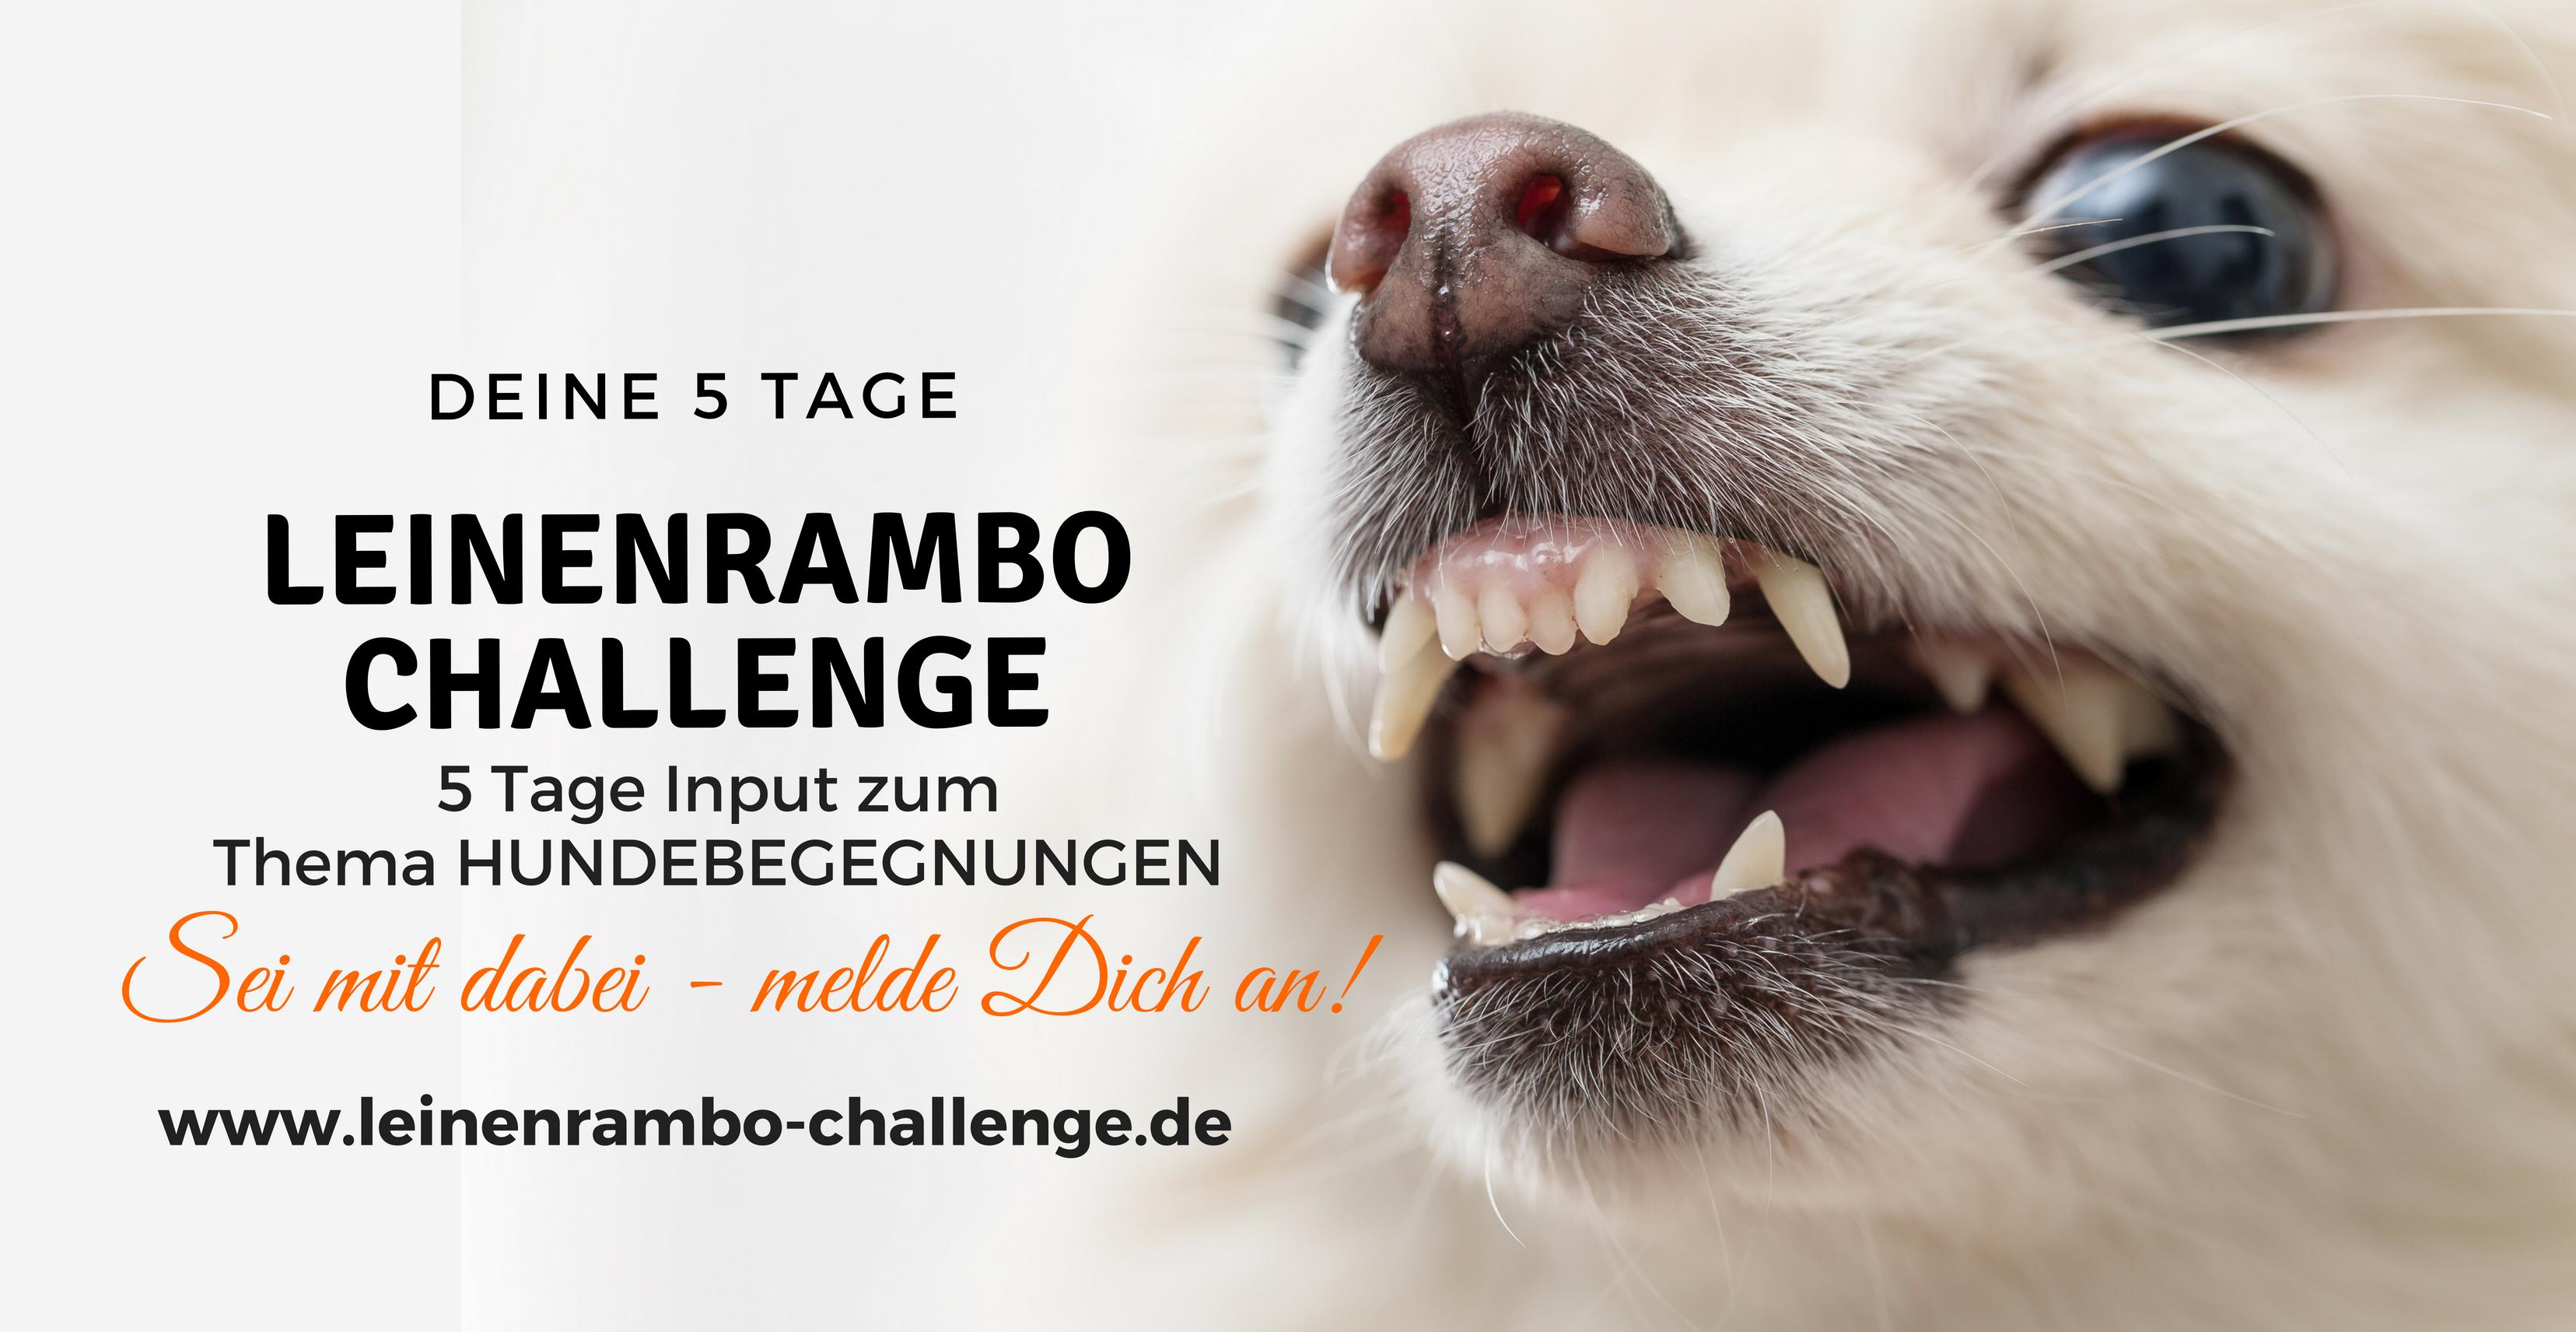 Leinenrambo Challenge - für entspannte Hundebegegnungen